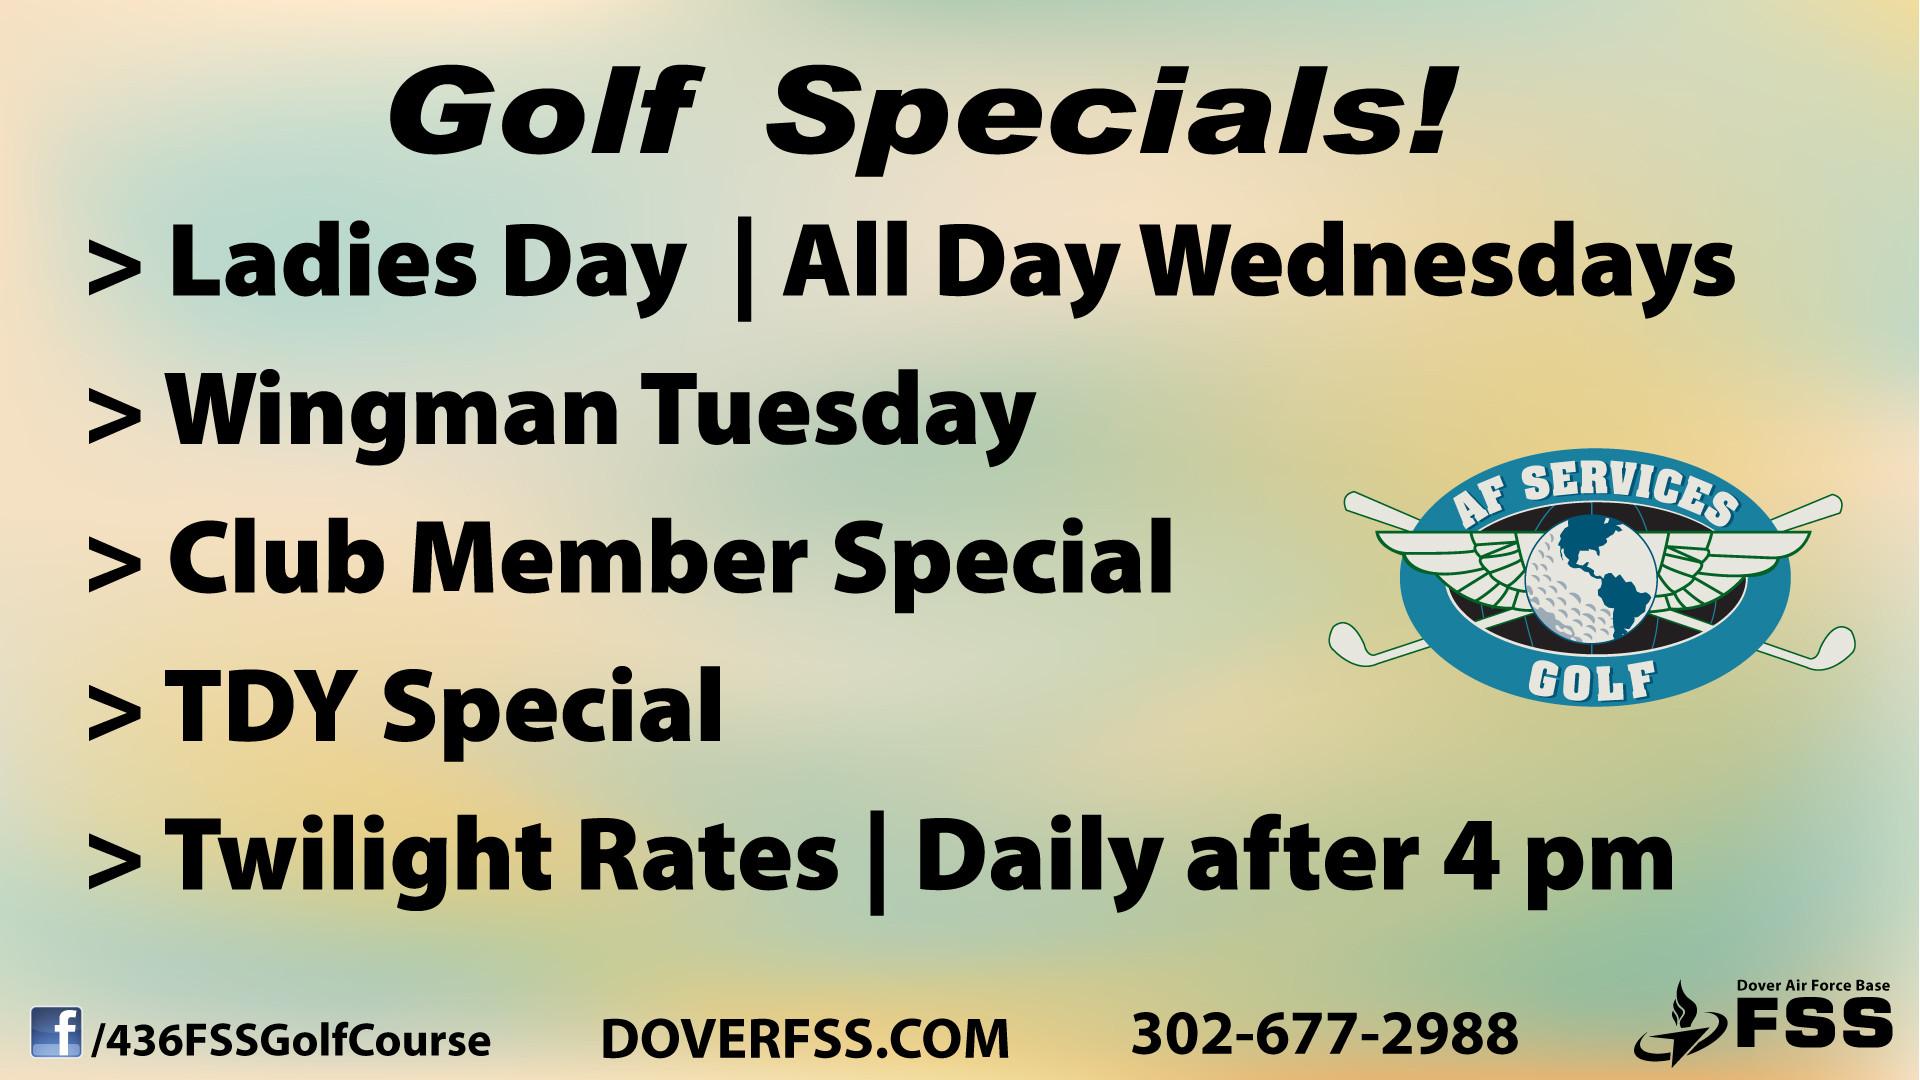 2021 Golf Specials